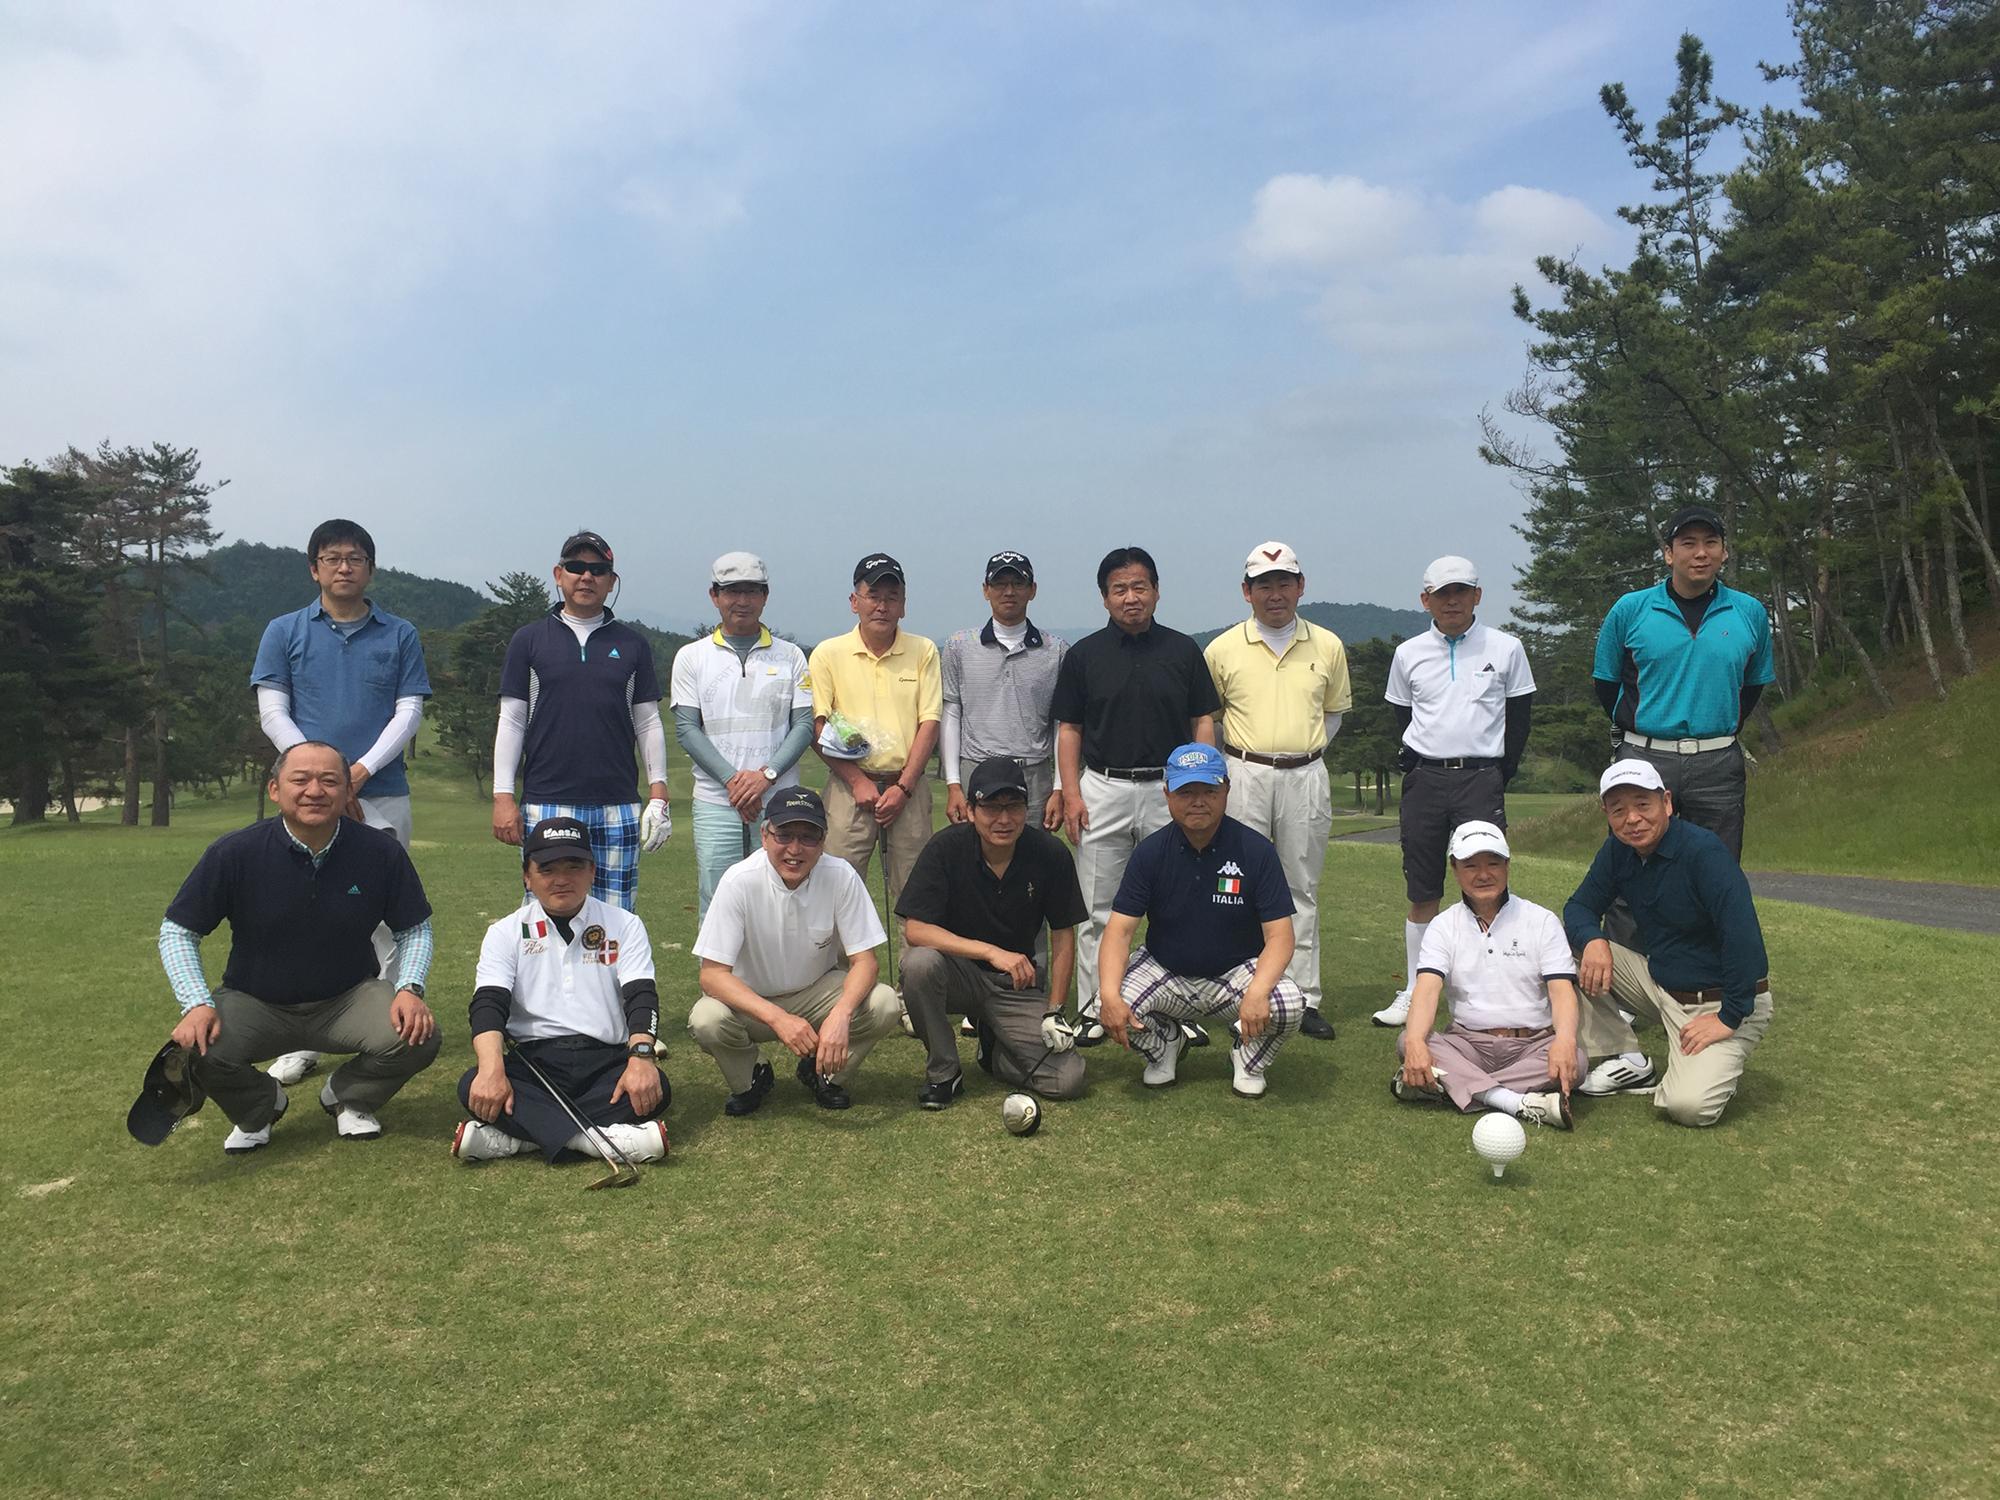 平成28年度第1回GATゴルフコンペ 晴天の中16名の参加で楽しくゴルフが出来ました。